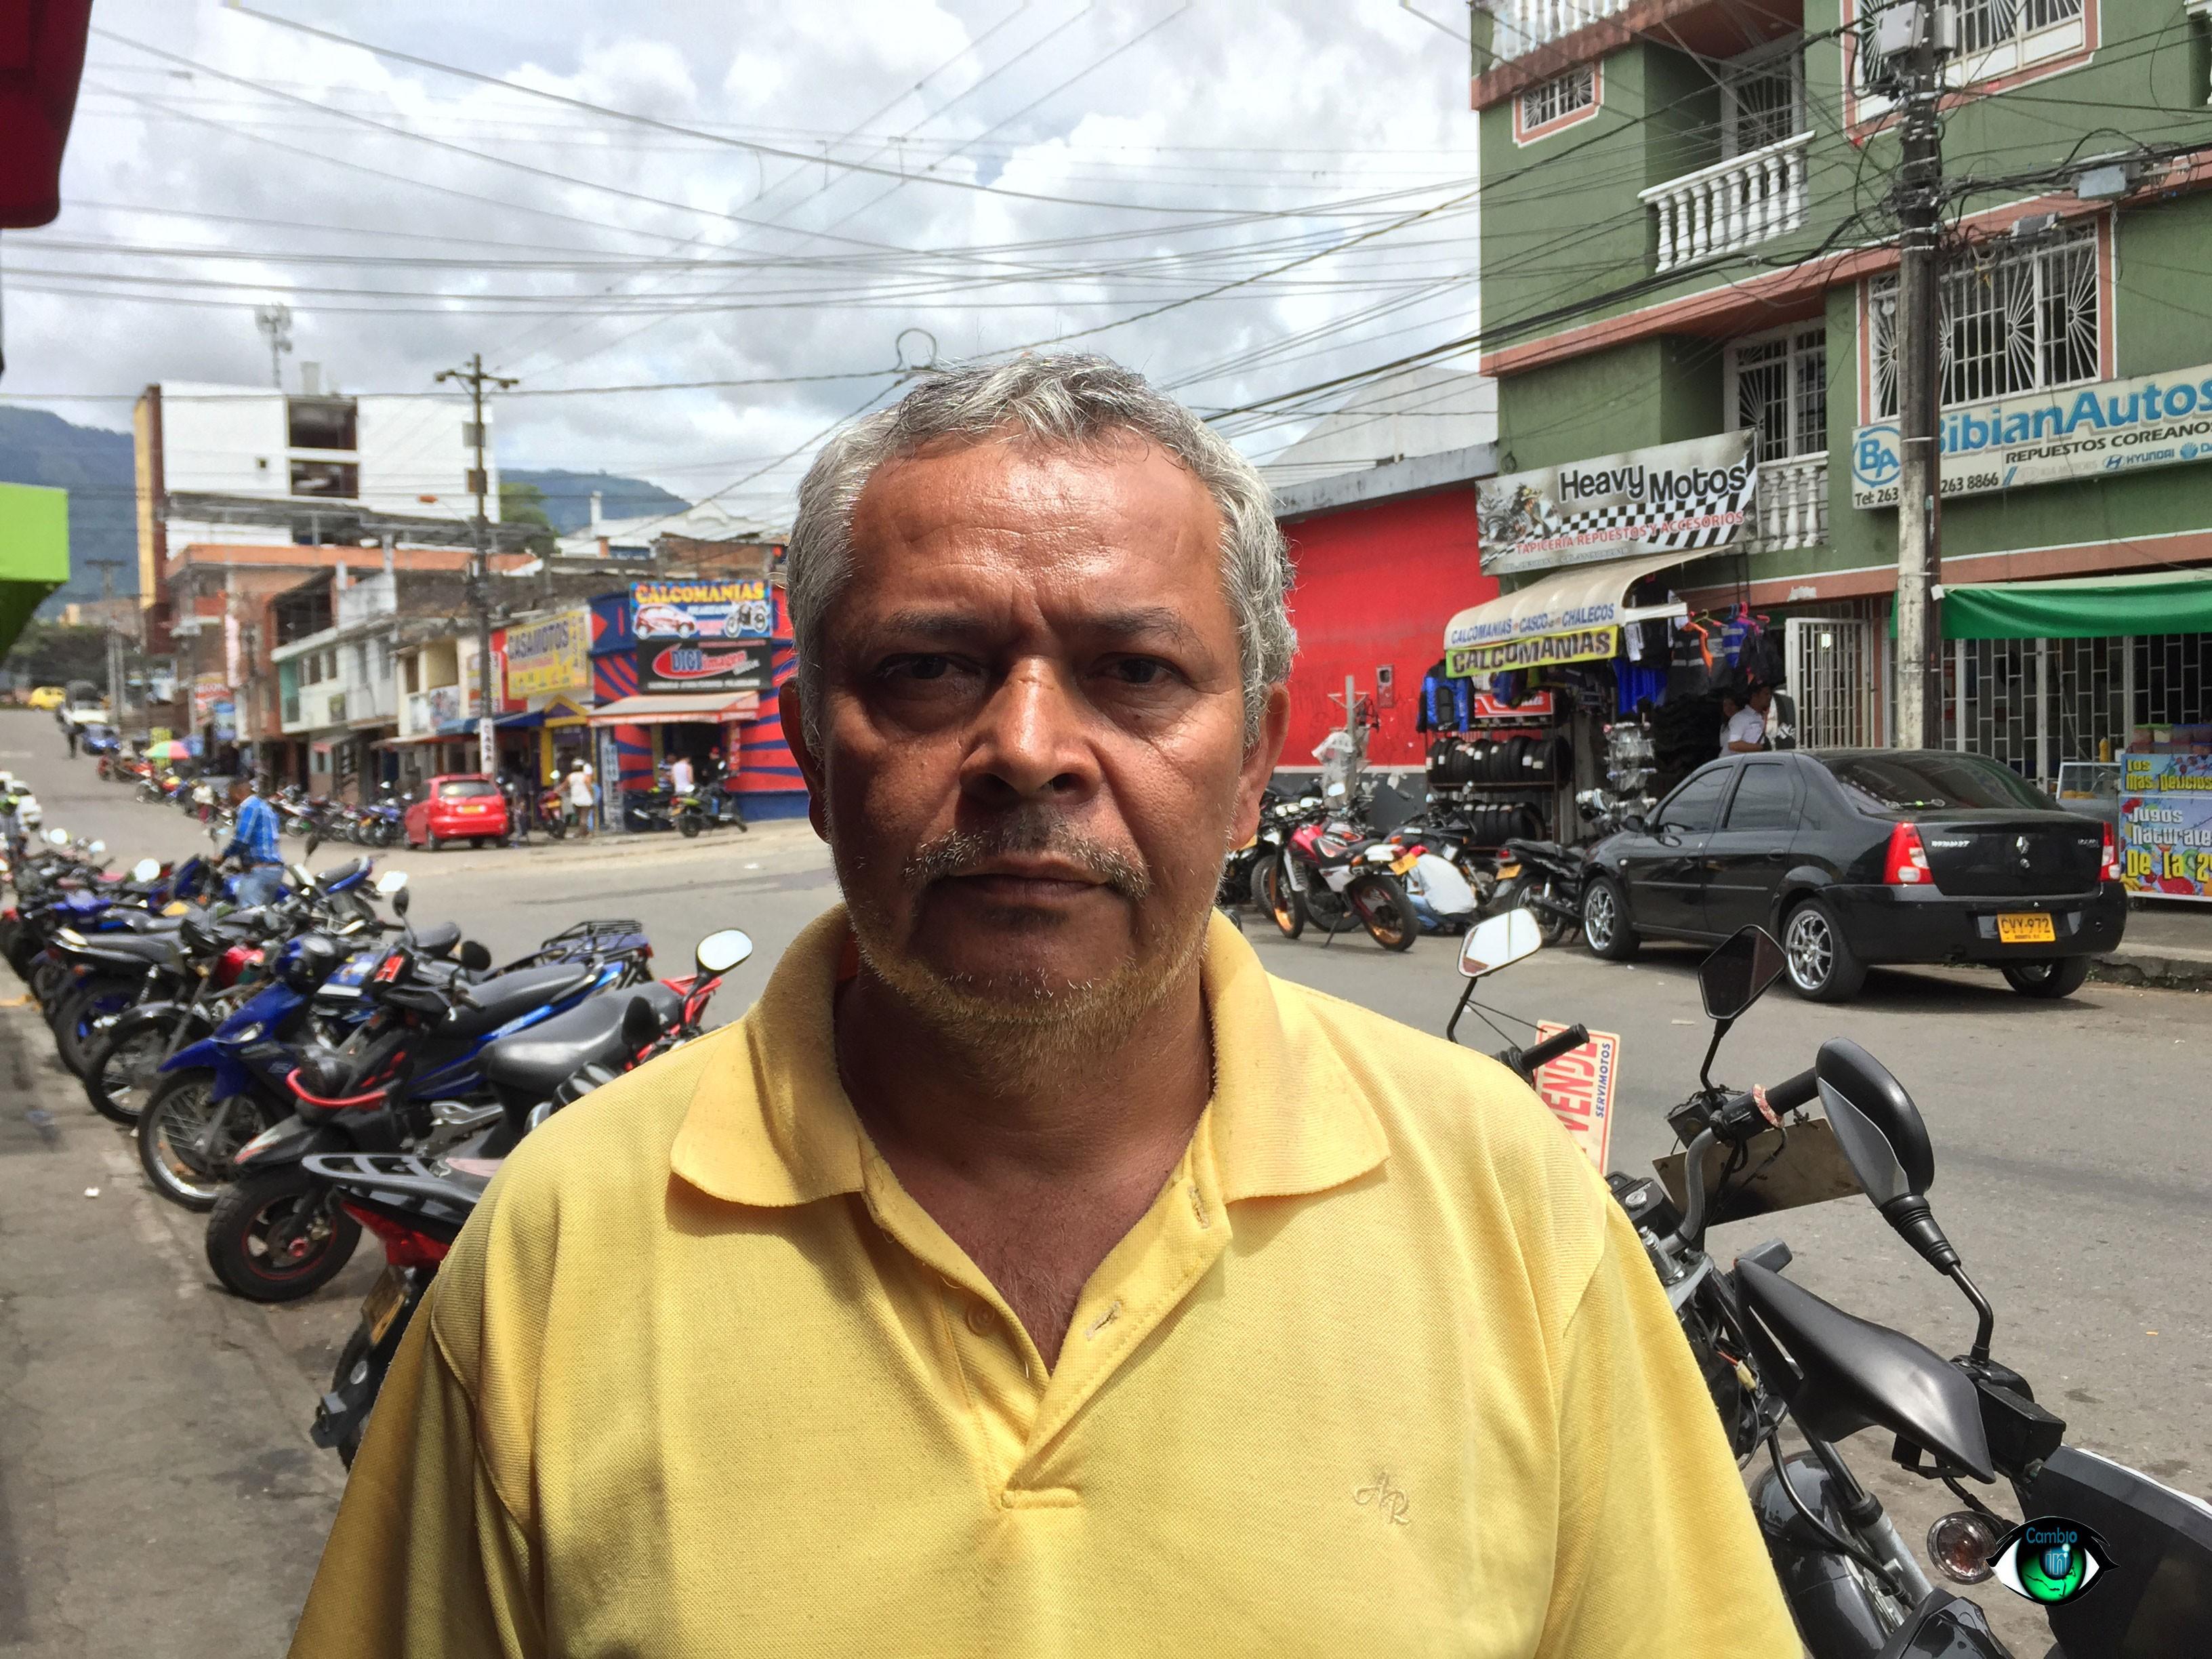 Le apareció avenida fantasma a Luis H, denuncian penalmente el Alcalde de Ibagué por una obra que nunca hizo